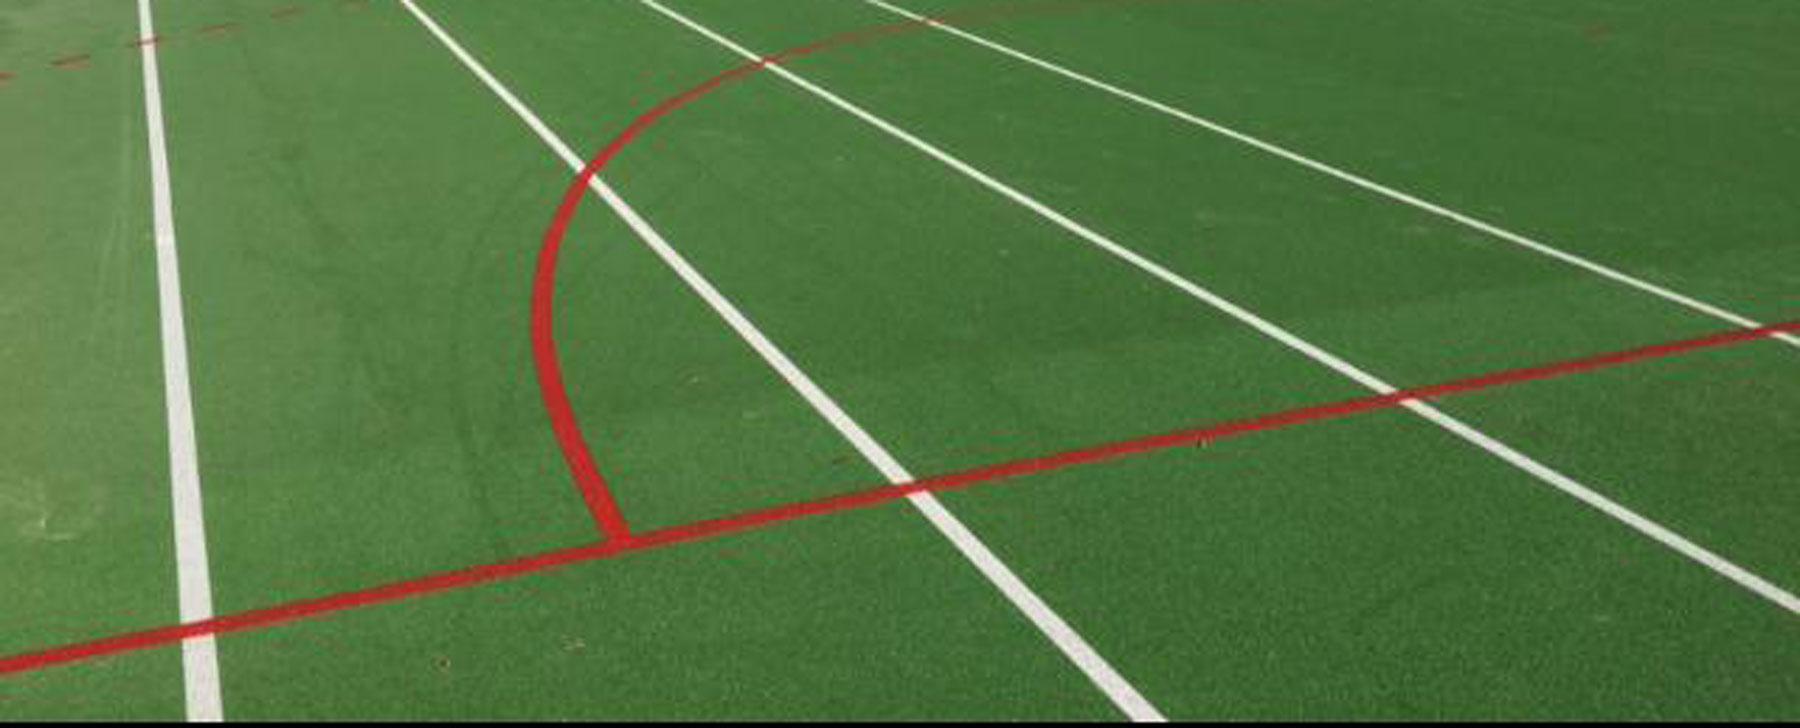 Das Sportbodensystem für Grenzenlosen Ausdauer und Spaß am Sport.